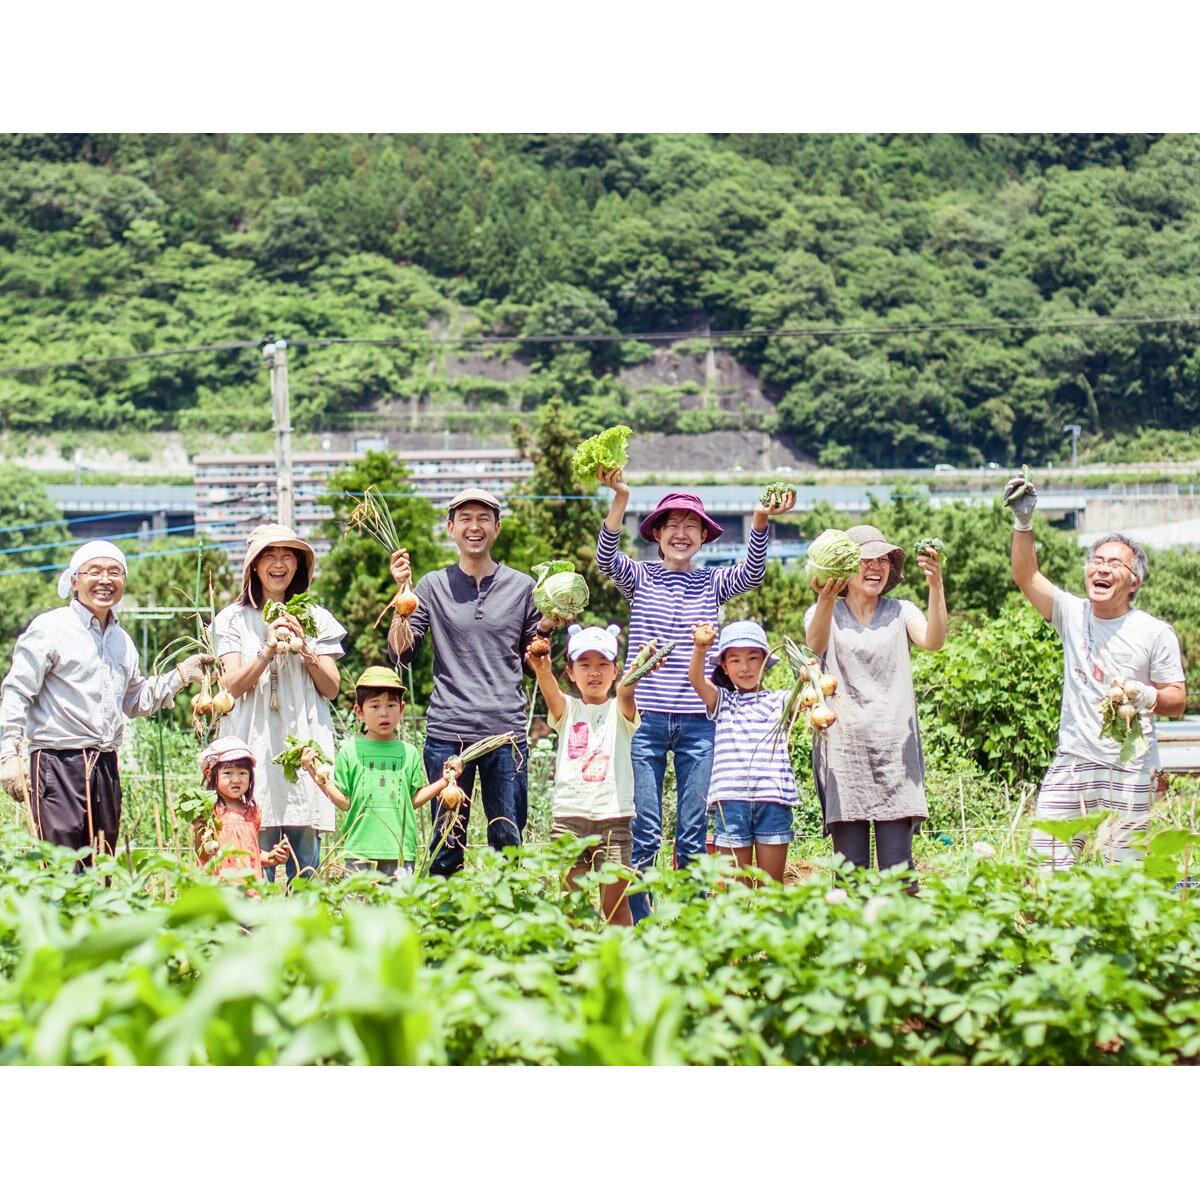 藤野里山体験ツアーペアチケット 第7回かながわ観光大賞 審査員特別賞受賞